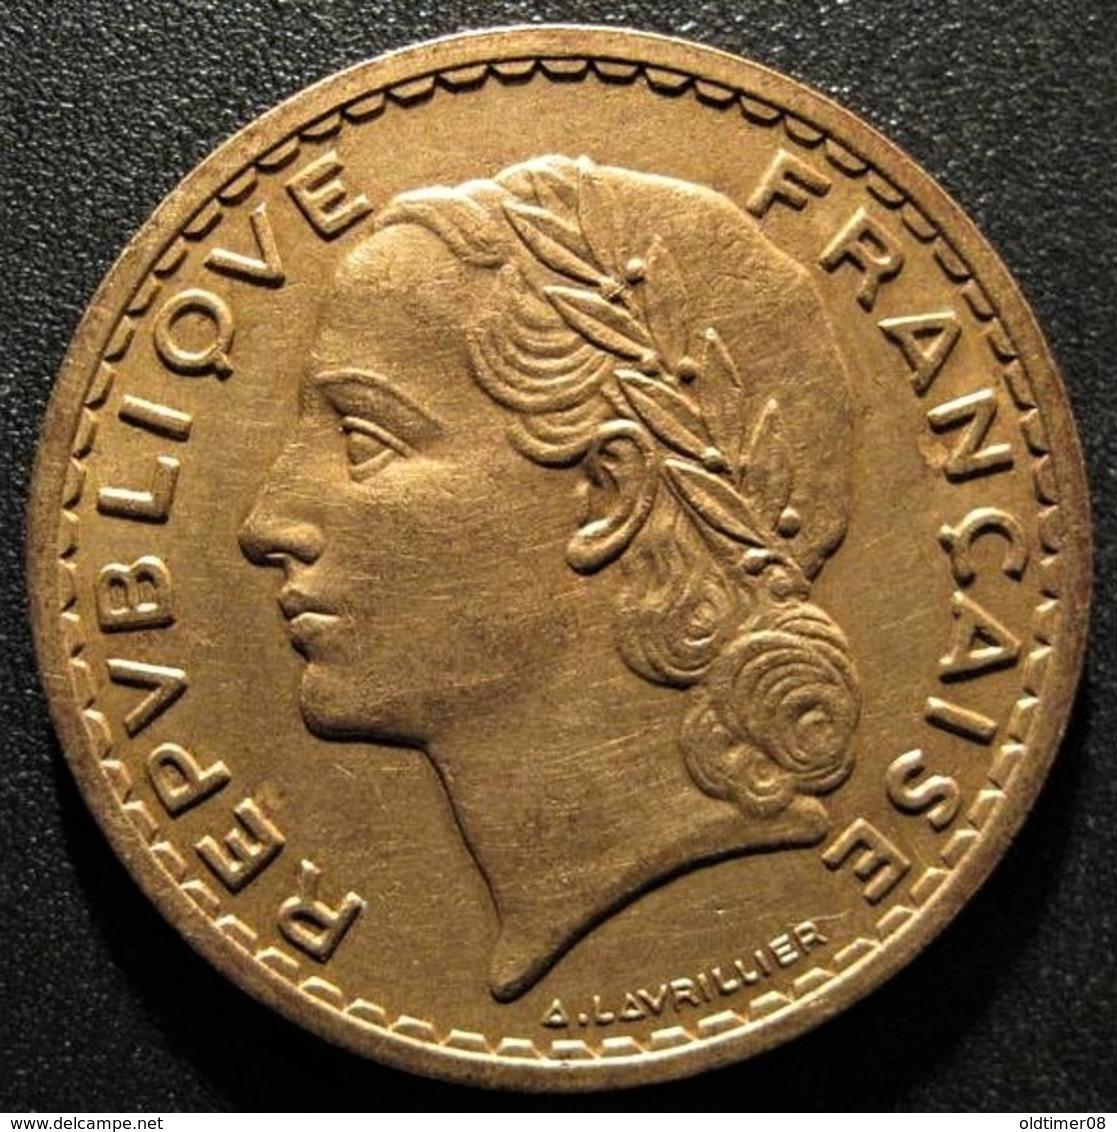 5 Francs LAVRILLIER Bronze-Aluminium 1940, SUP+ - France